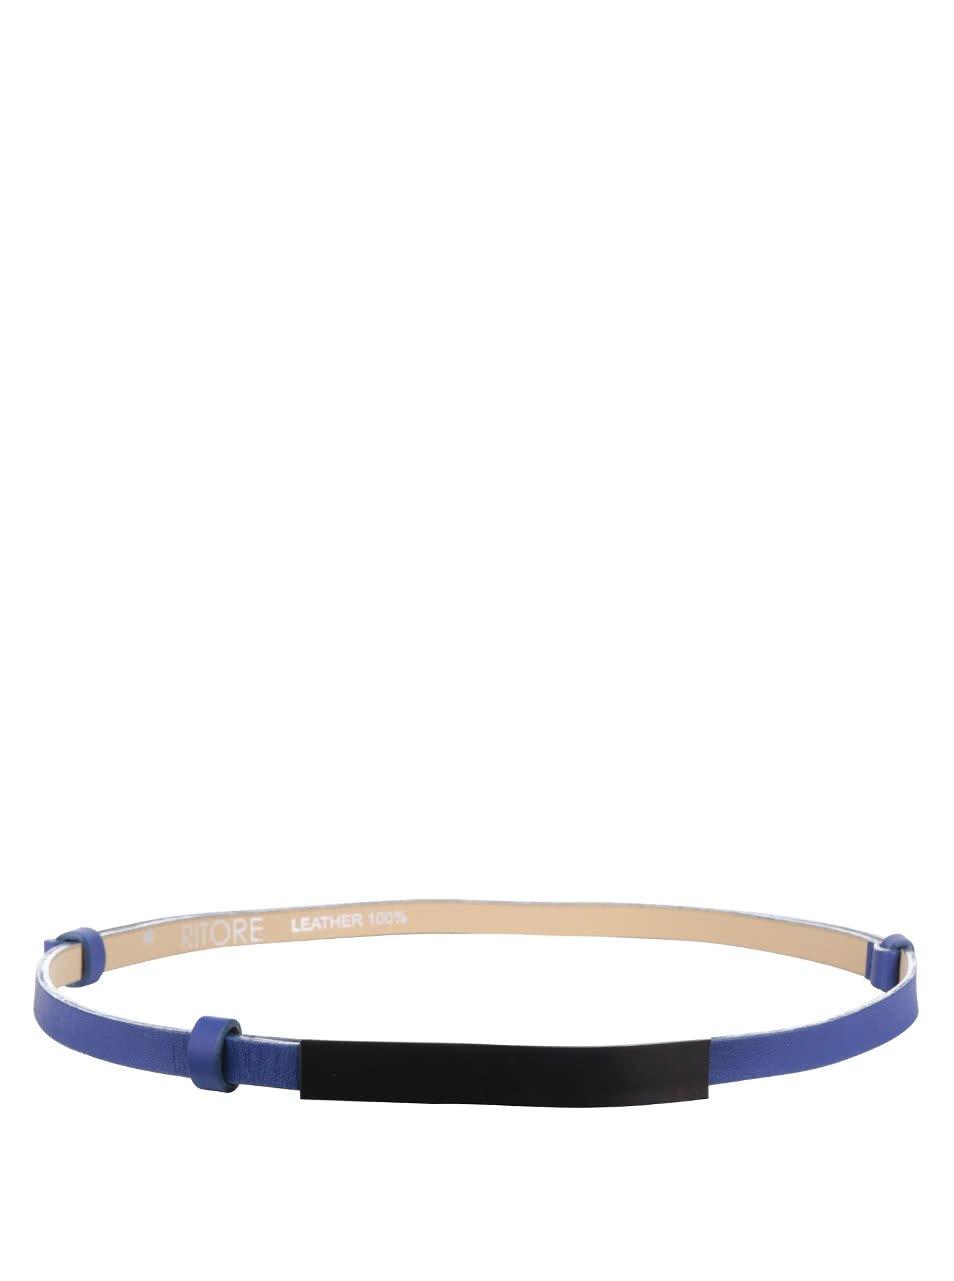 Modrý dámský kožený nastavitelný pásek s karbonovou sponou Ritore Brent